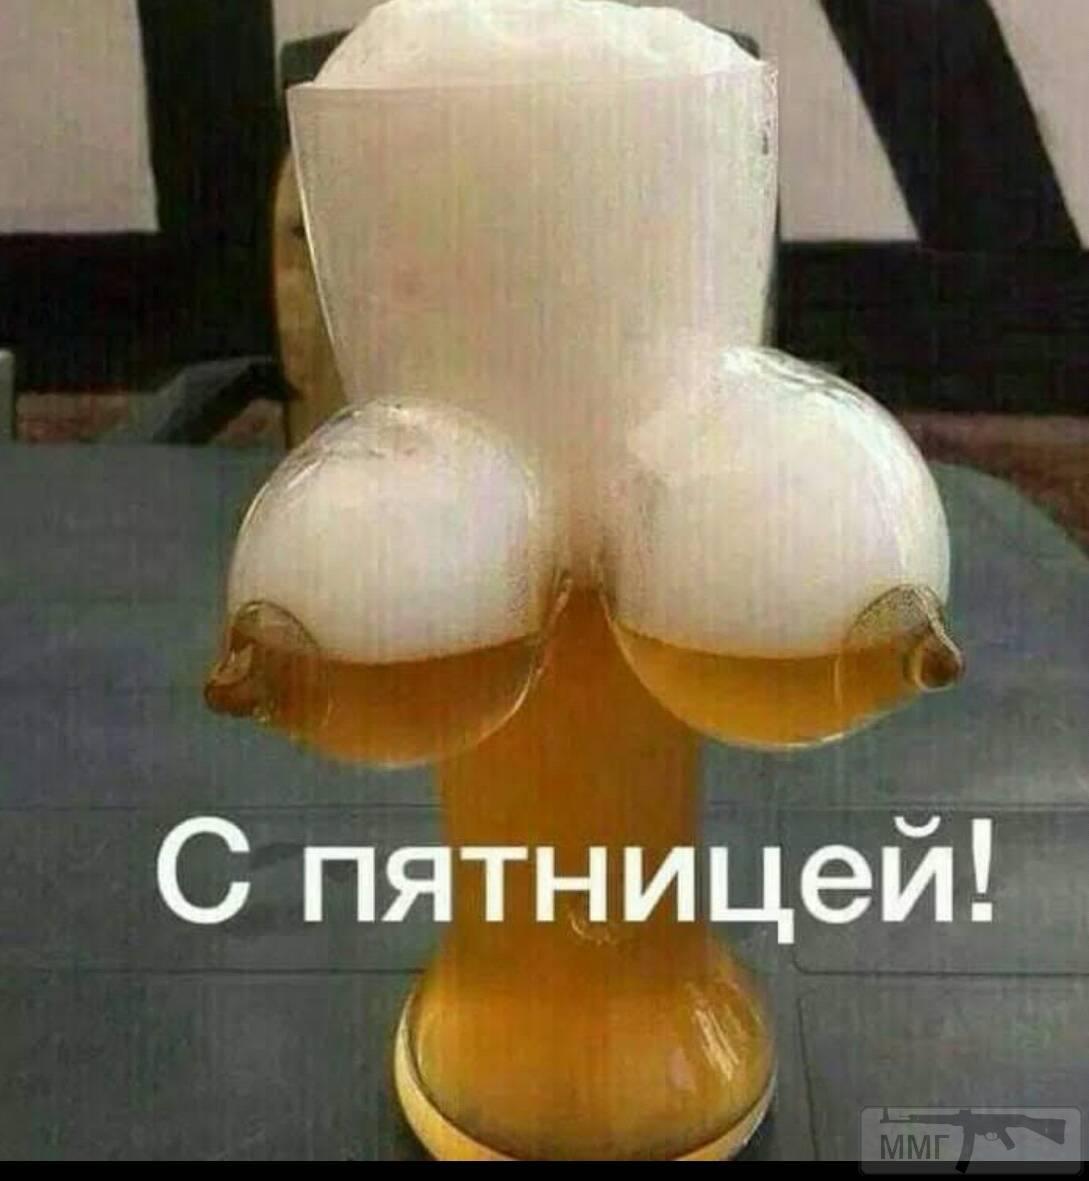 38166 - Пить или не пить? - пятничная алкогольная тема )))